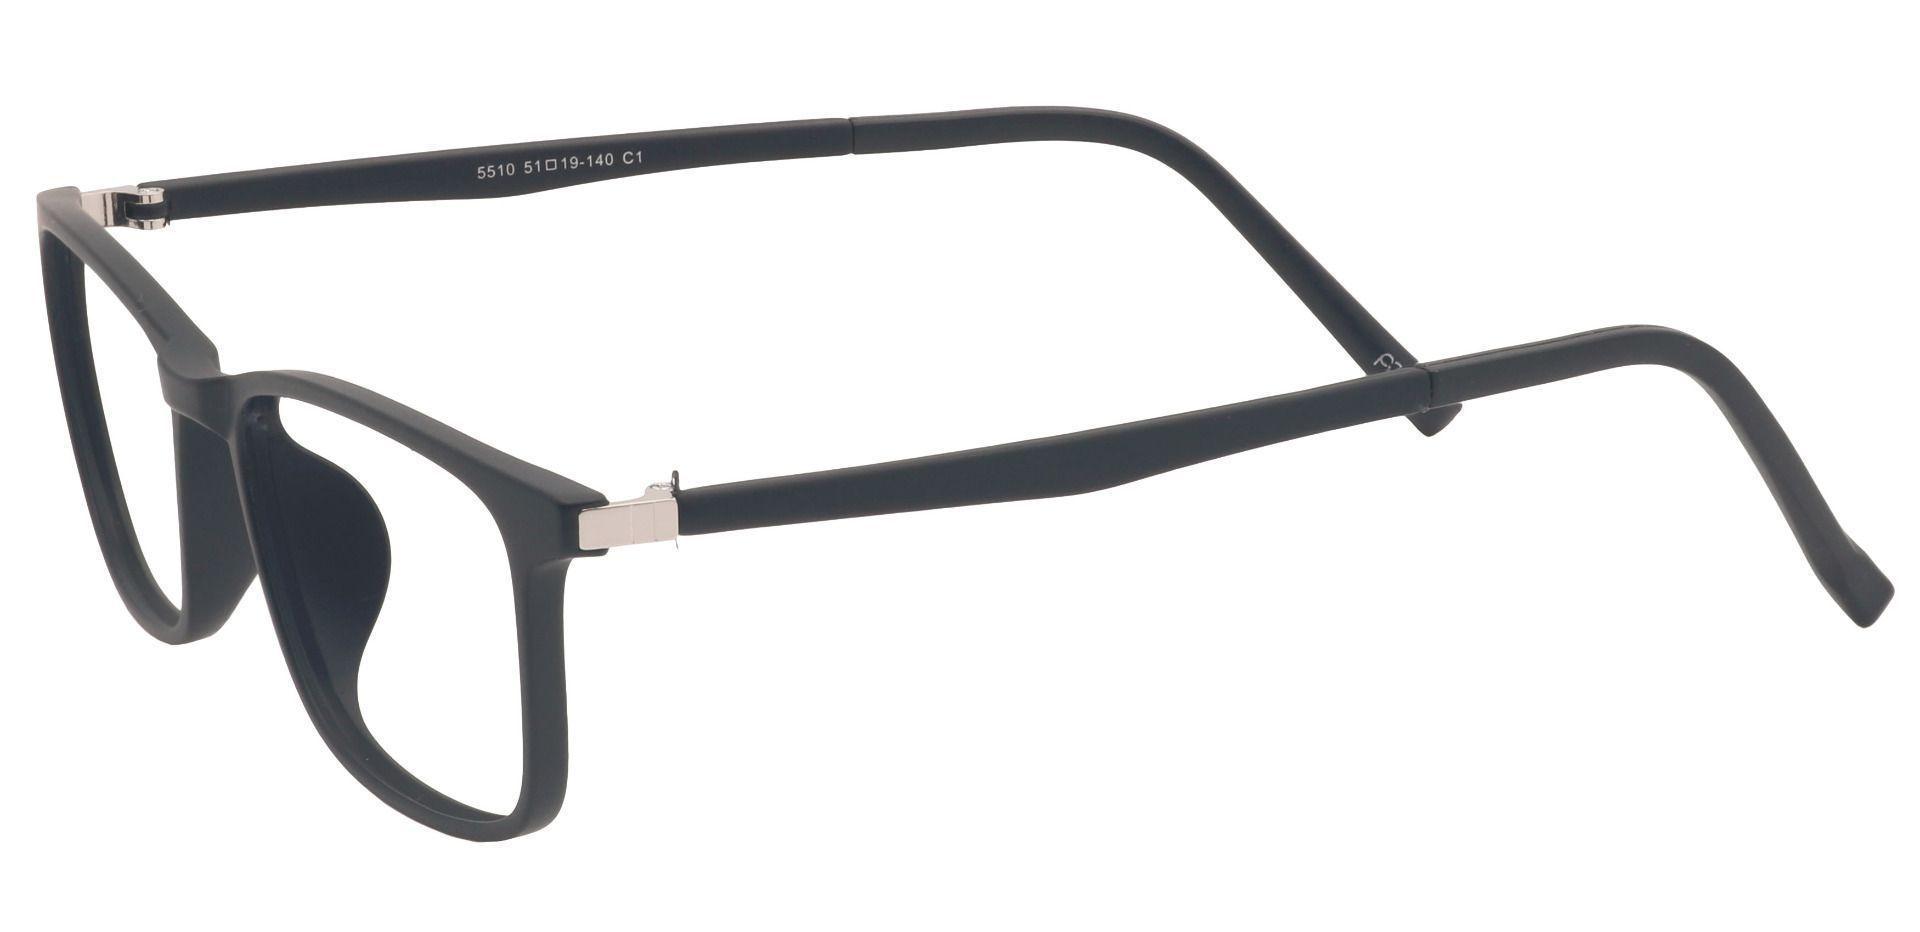 Butler Oval Blue Light Blocking Glasses - Black